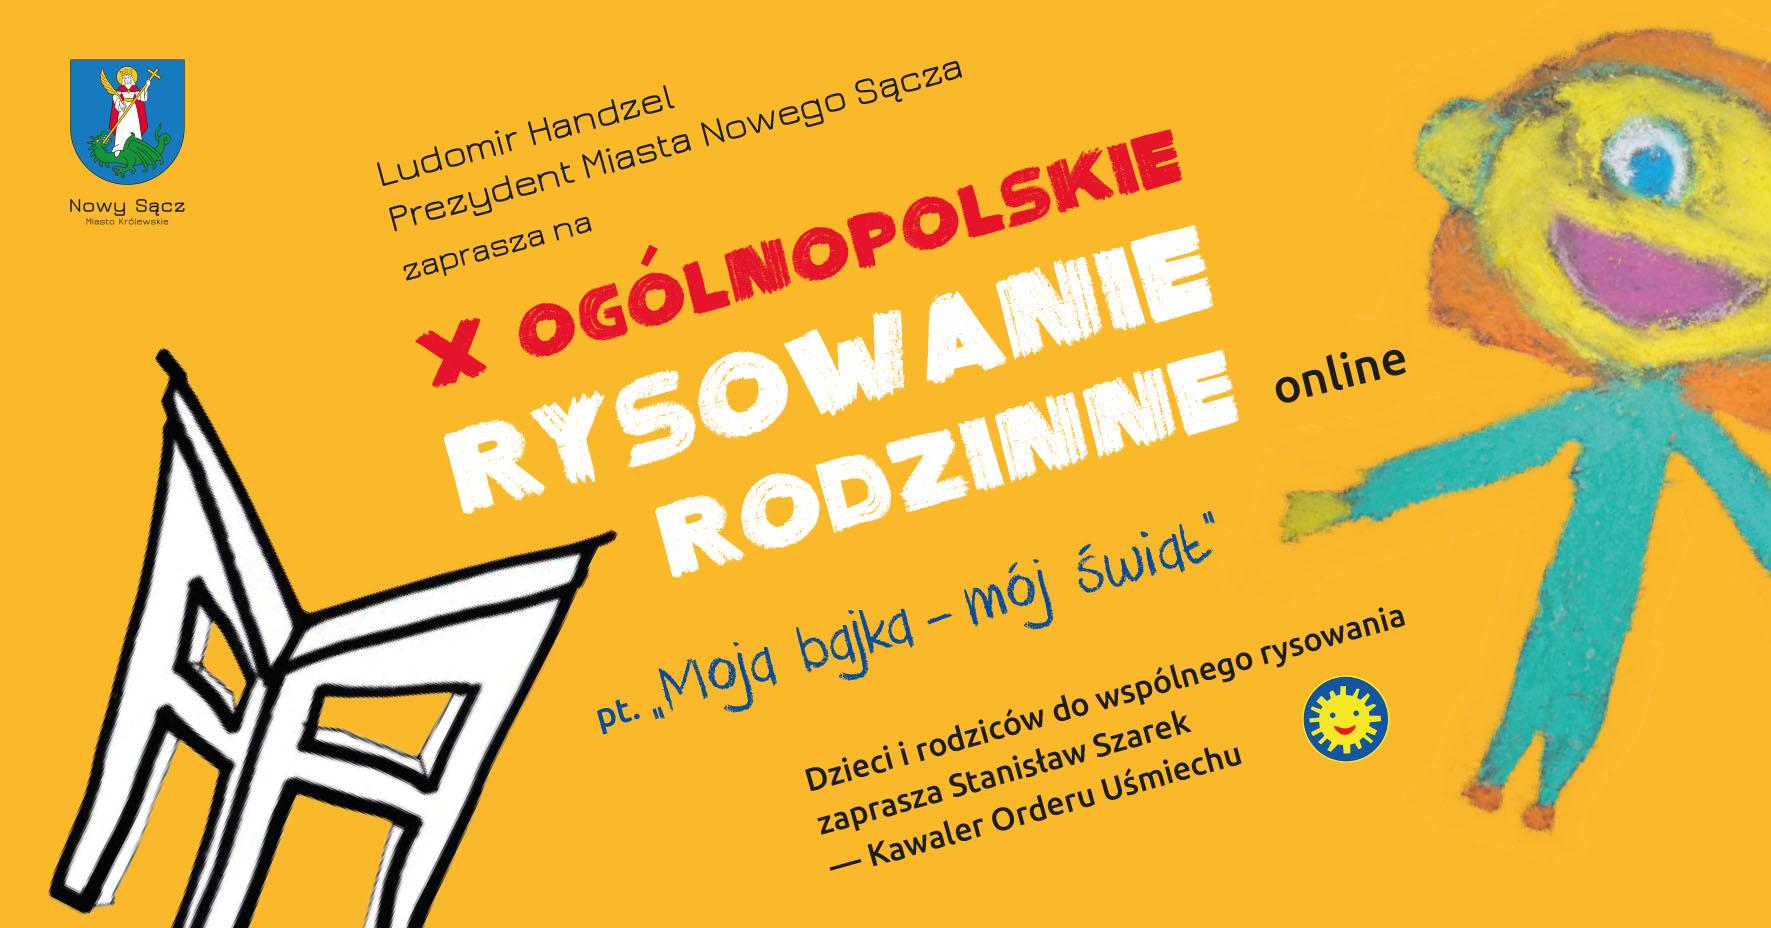 X Ogólnopolskie Rysowanie Rodzinne On-line